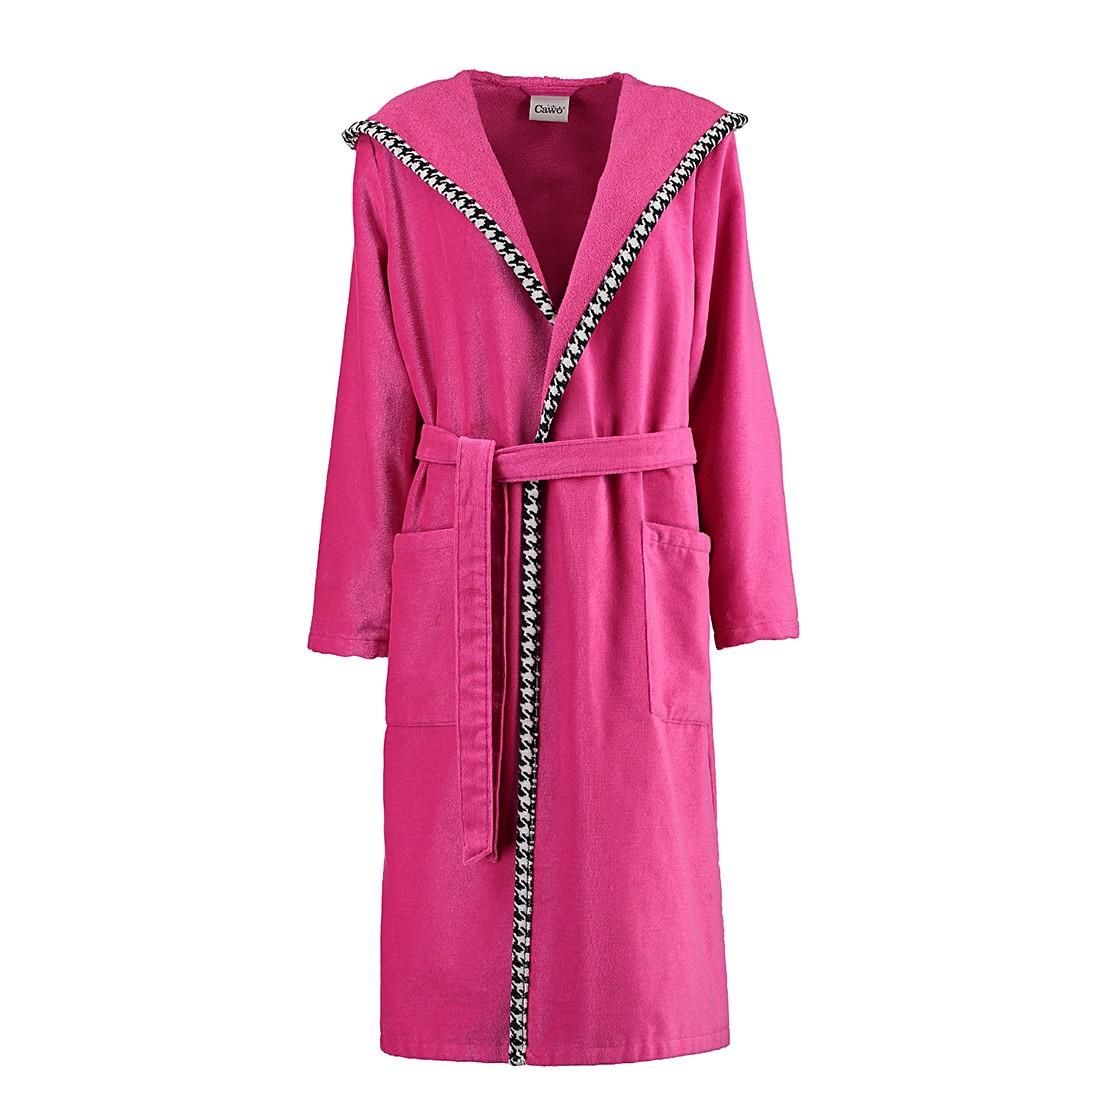 Bademäntel Damen Velours Black&White 1484 – Baumwolle – Pink – L, Cawö günstig kaufen